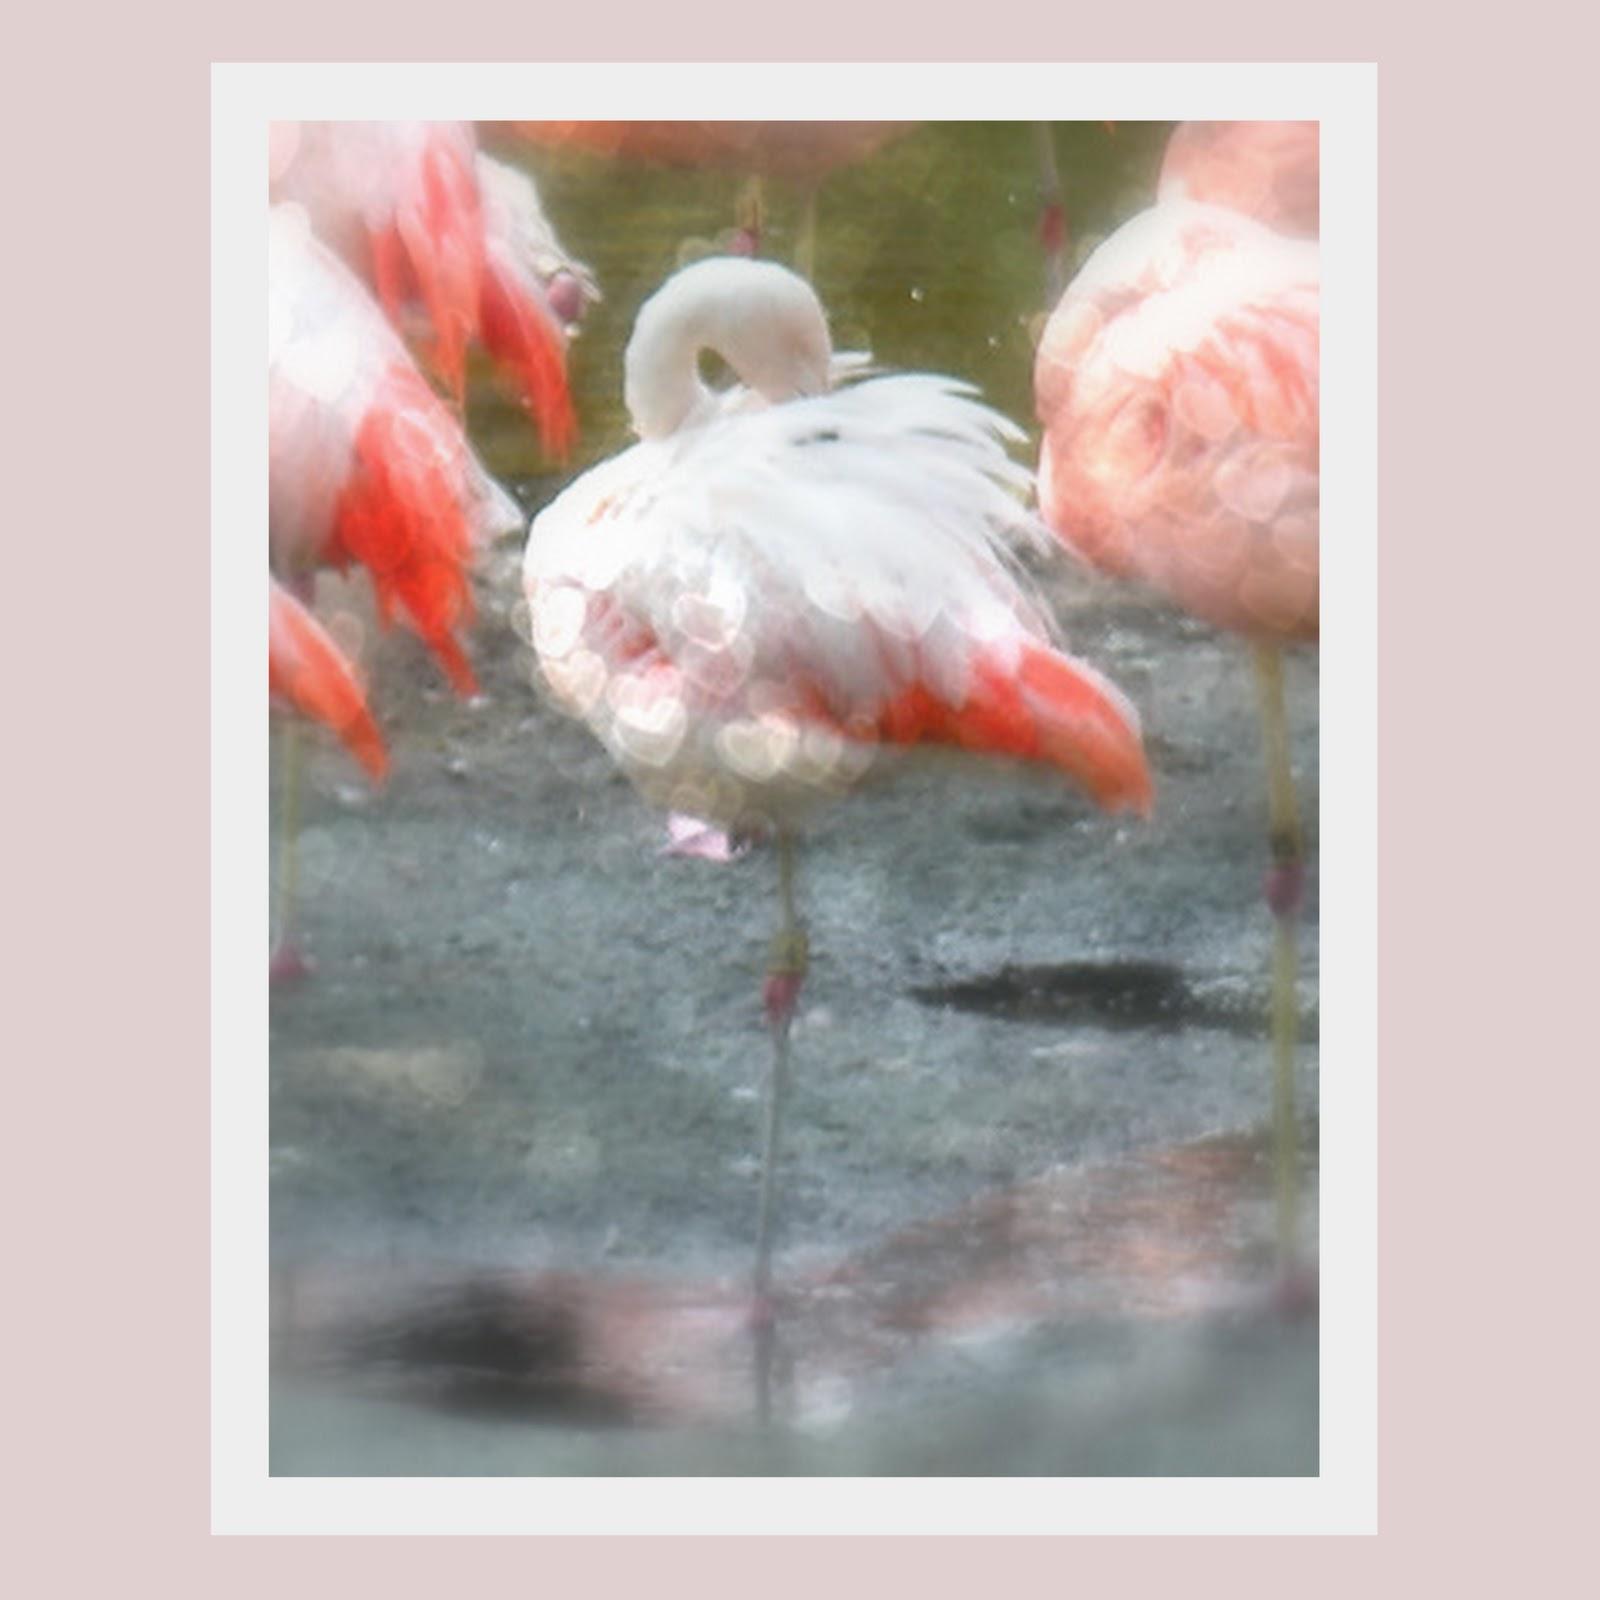 http://1.bp.blogspot.com/_9LxLZudP_6w/TUuaQaKhGXI/AAAAAAAAHZw/laufoztLNyQ/s1600/pink+flamingos.jpg